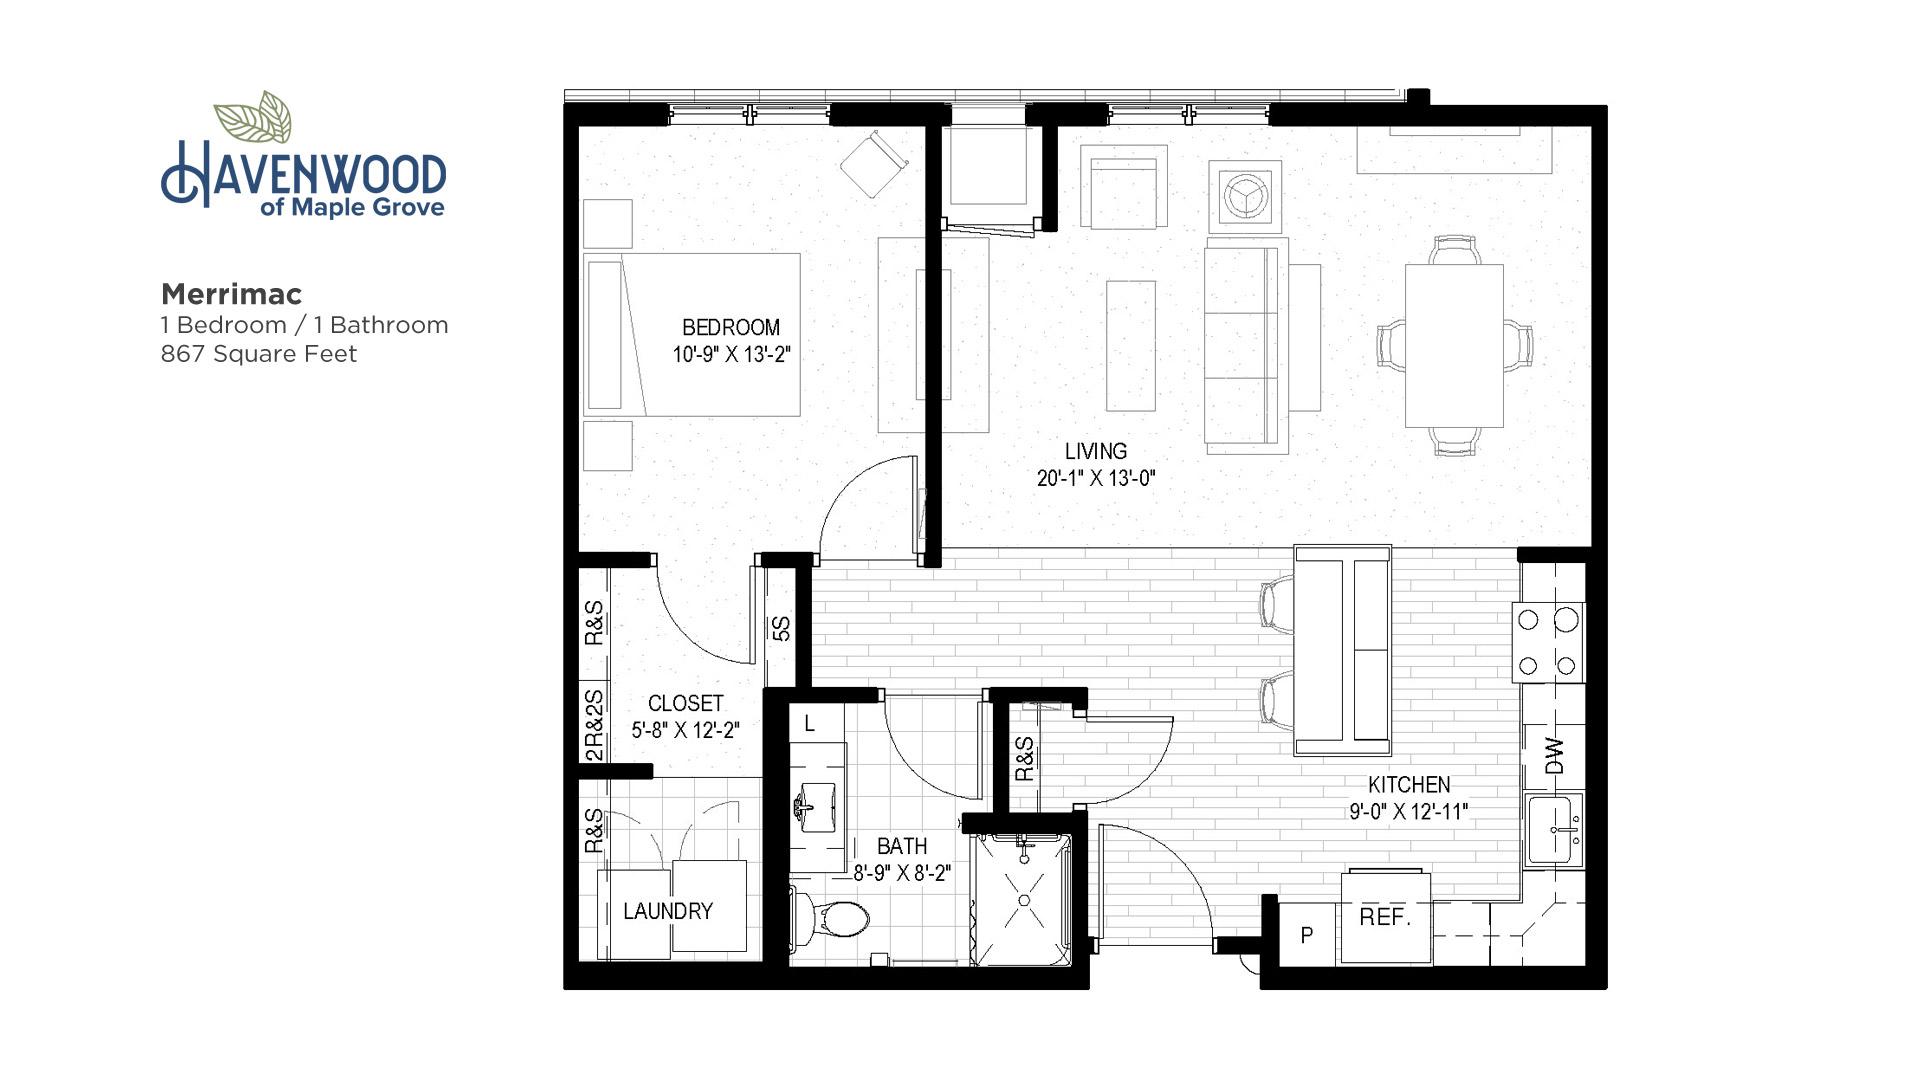 Havenwood of Maple Grove Merrimac Floor Plan